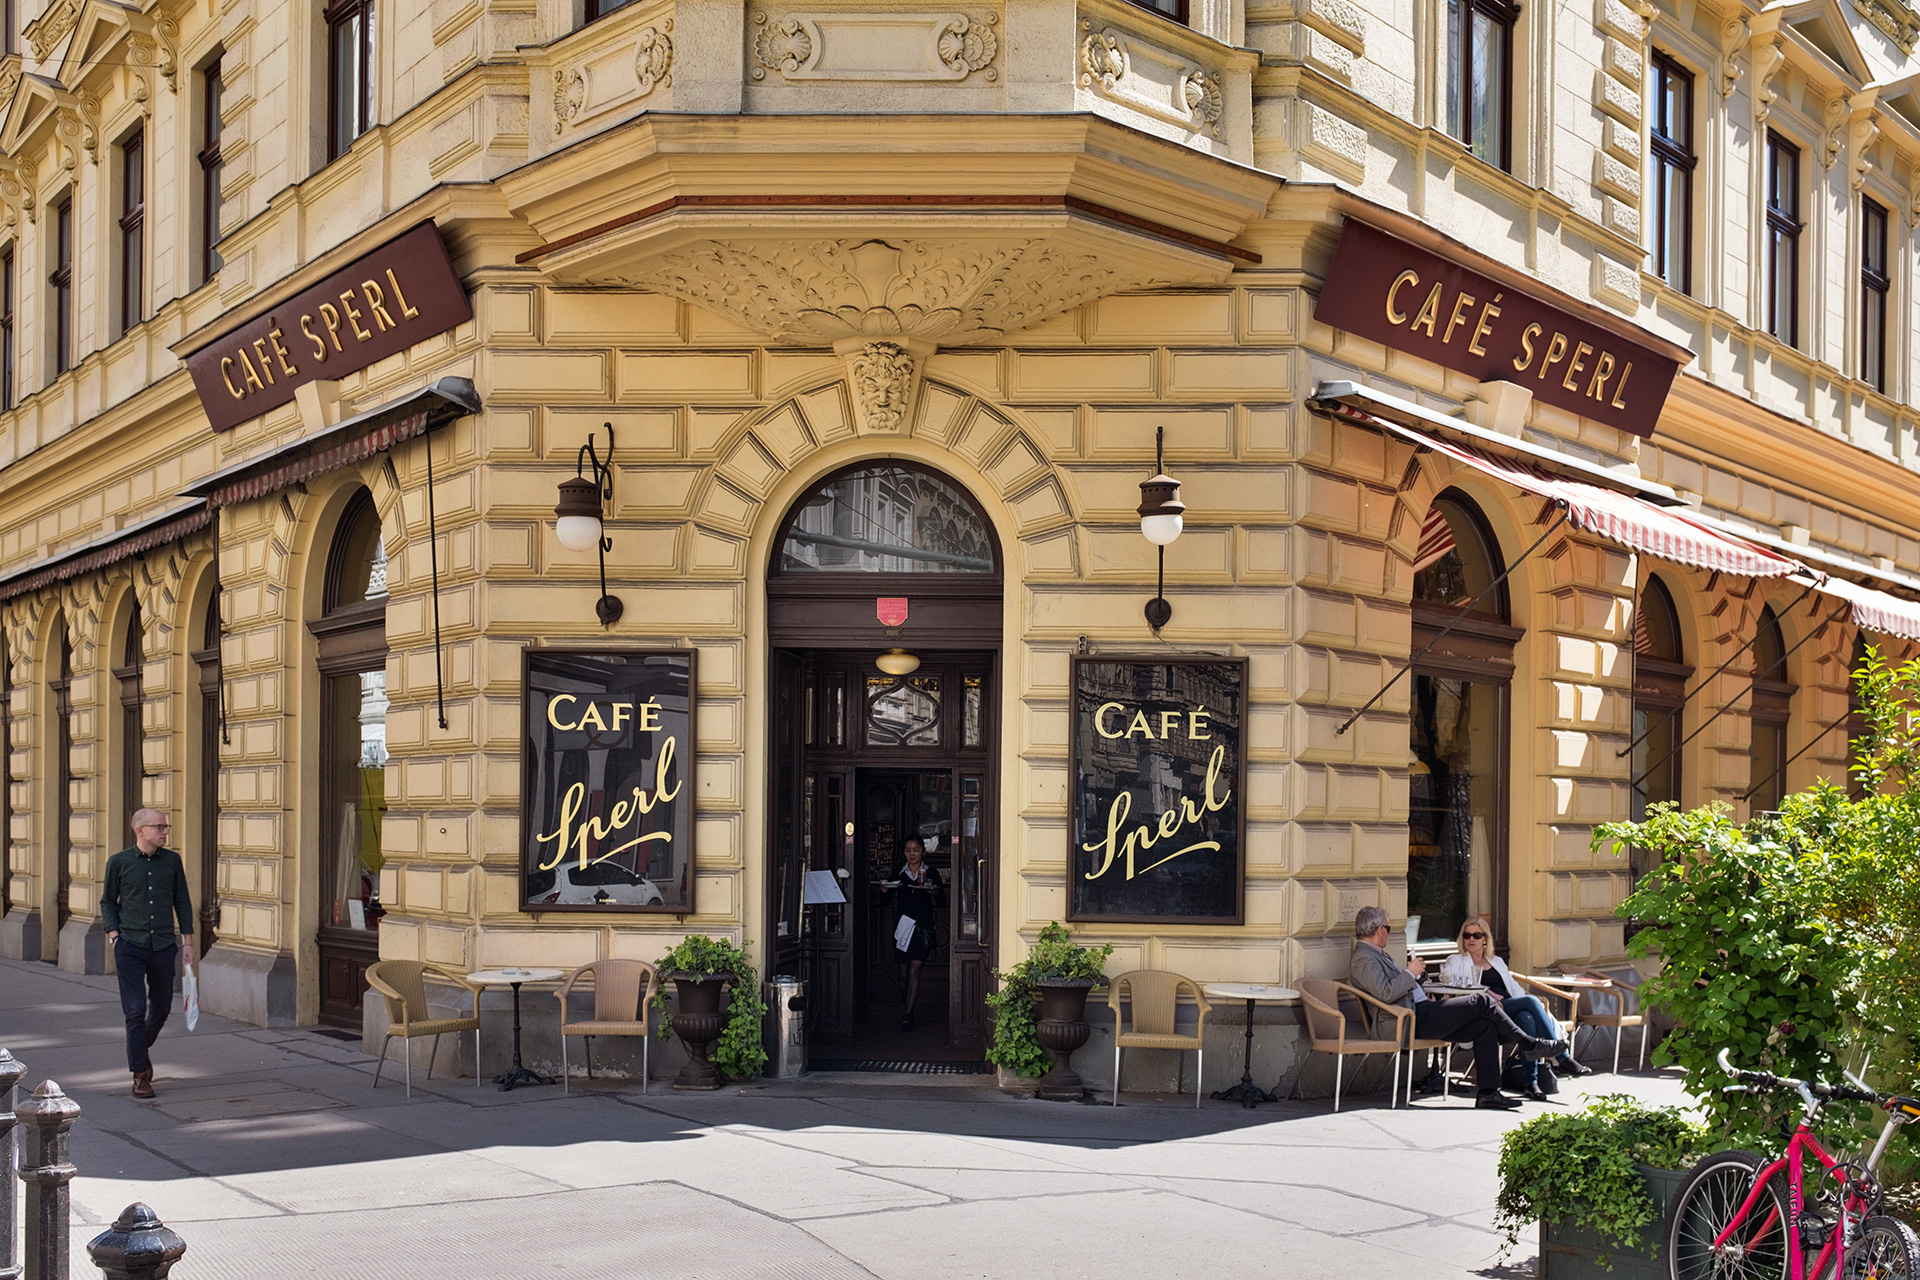 _nf - cafe sperl wien facade